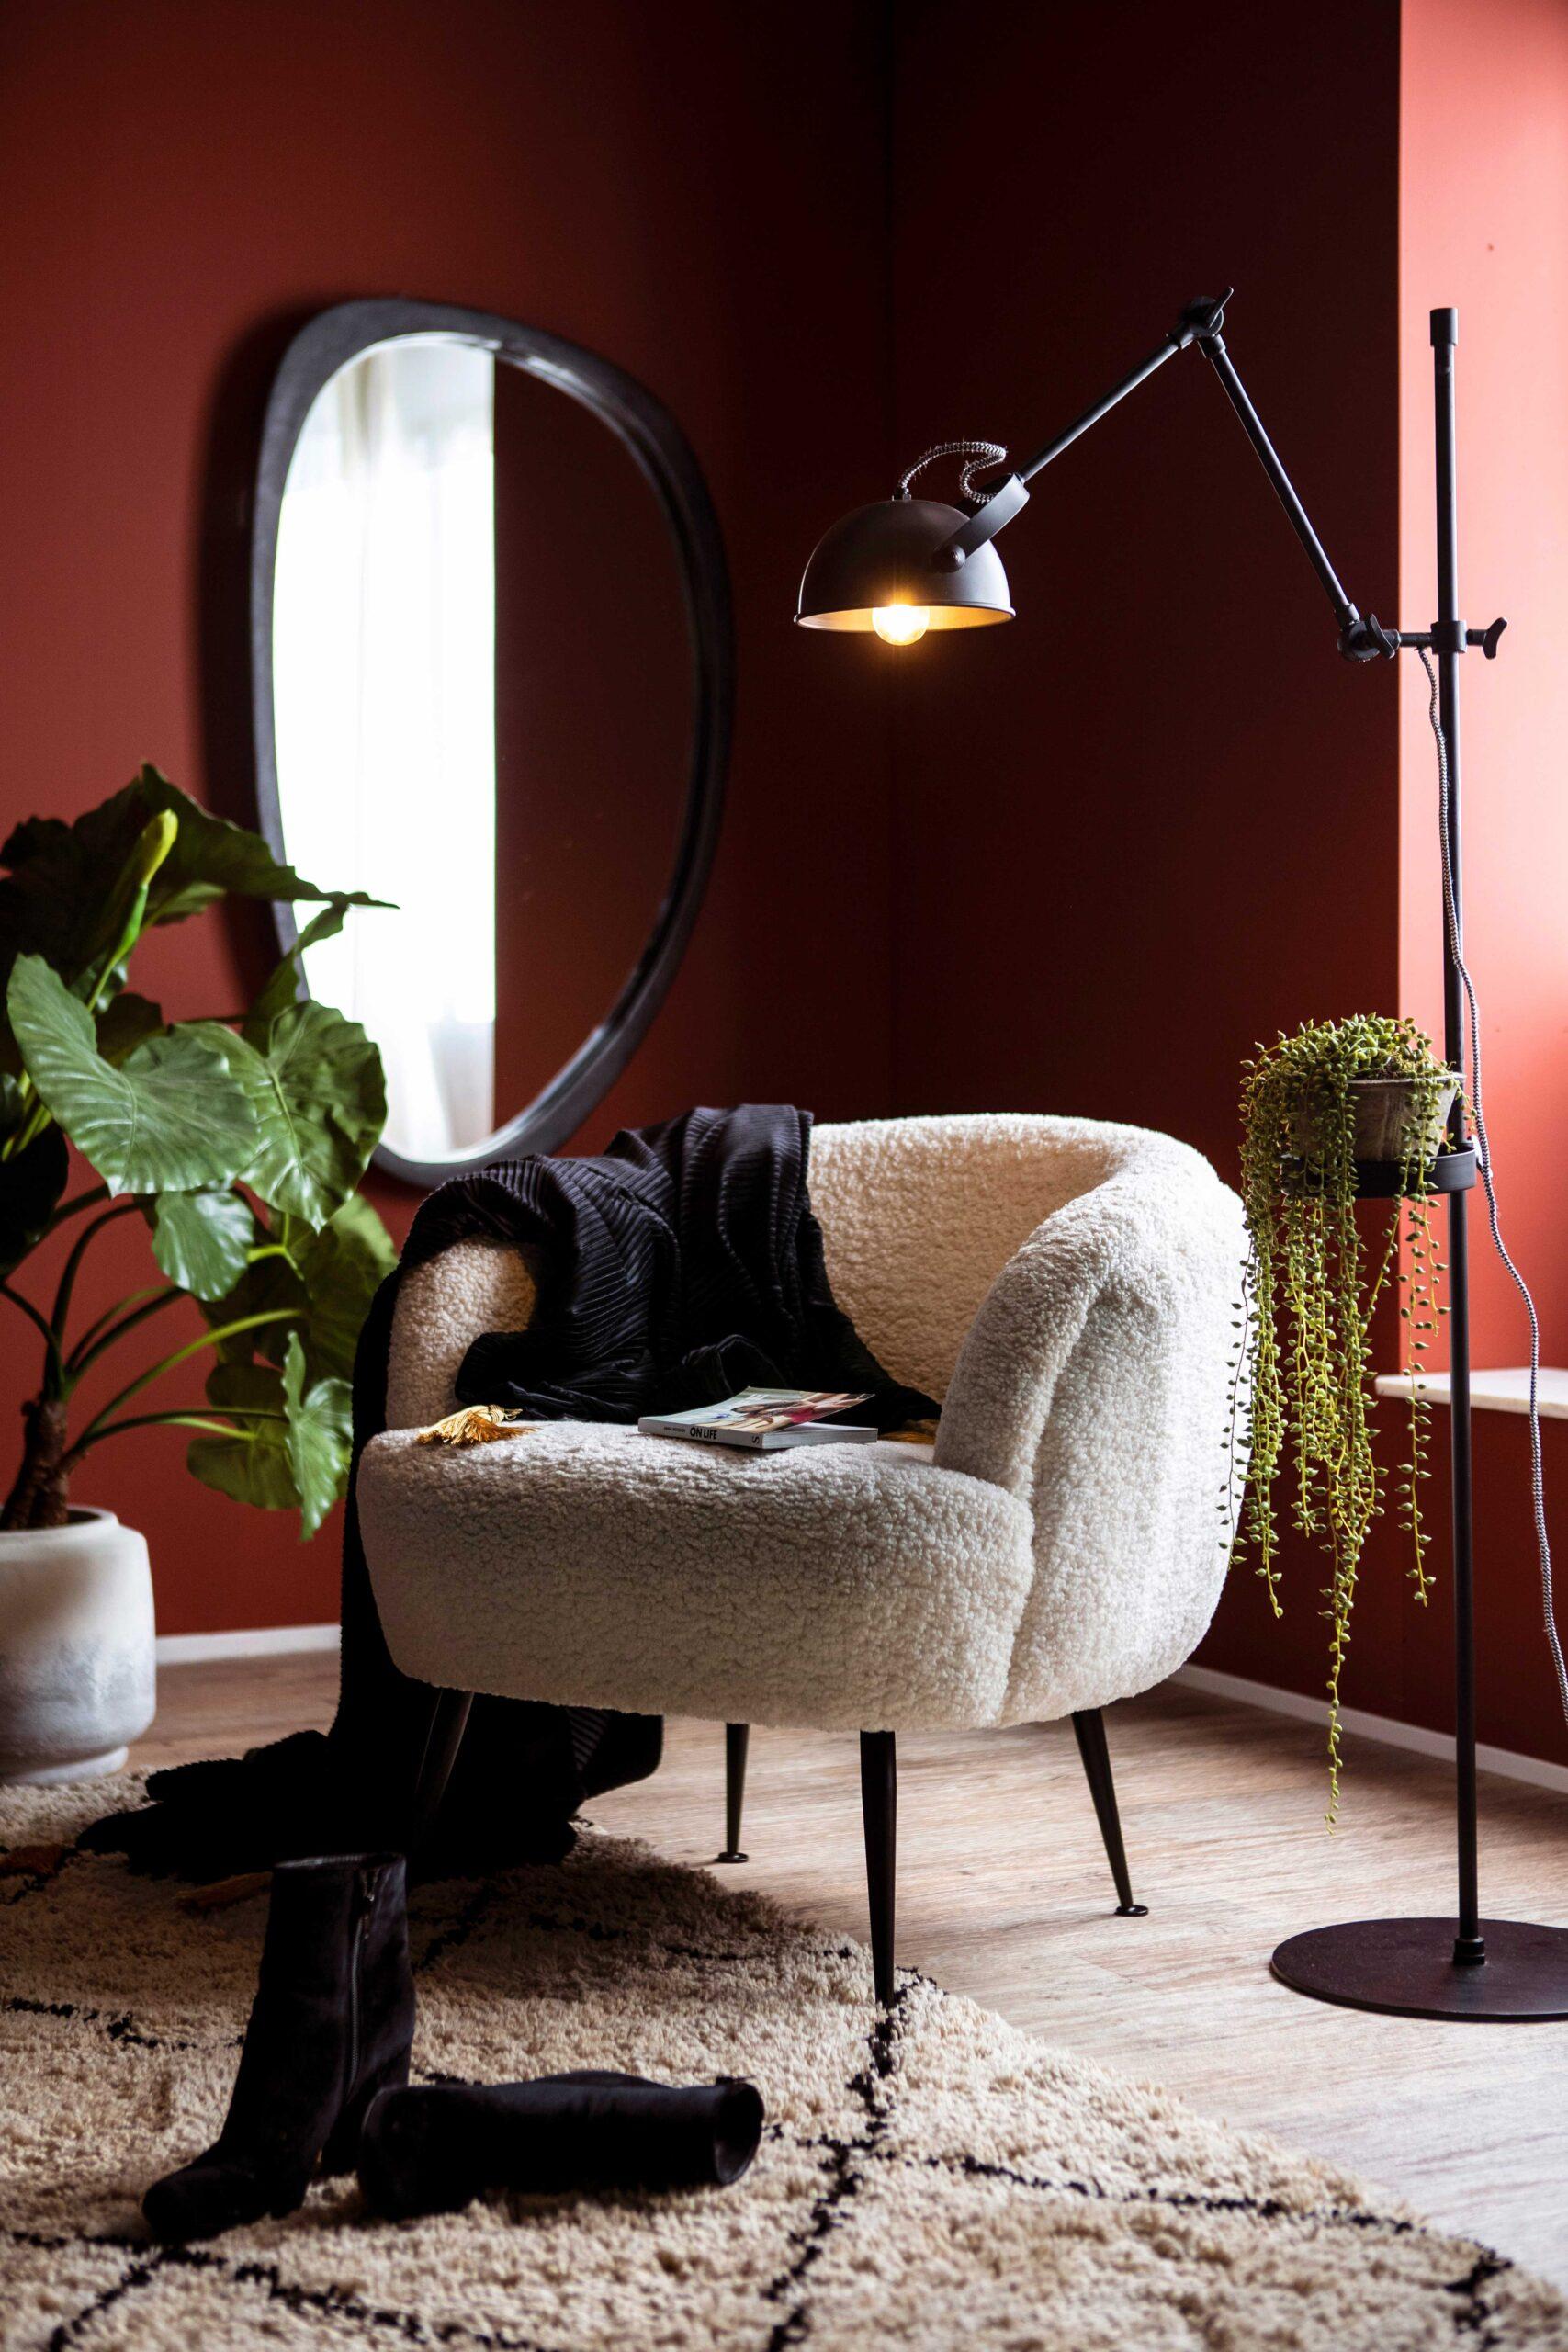 Babe fauteuil wit voor een warm interieur